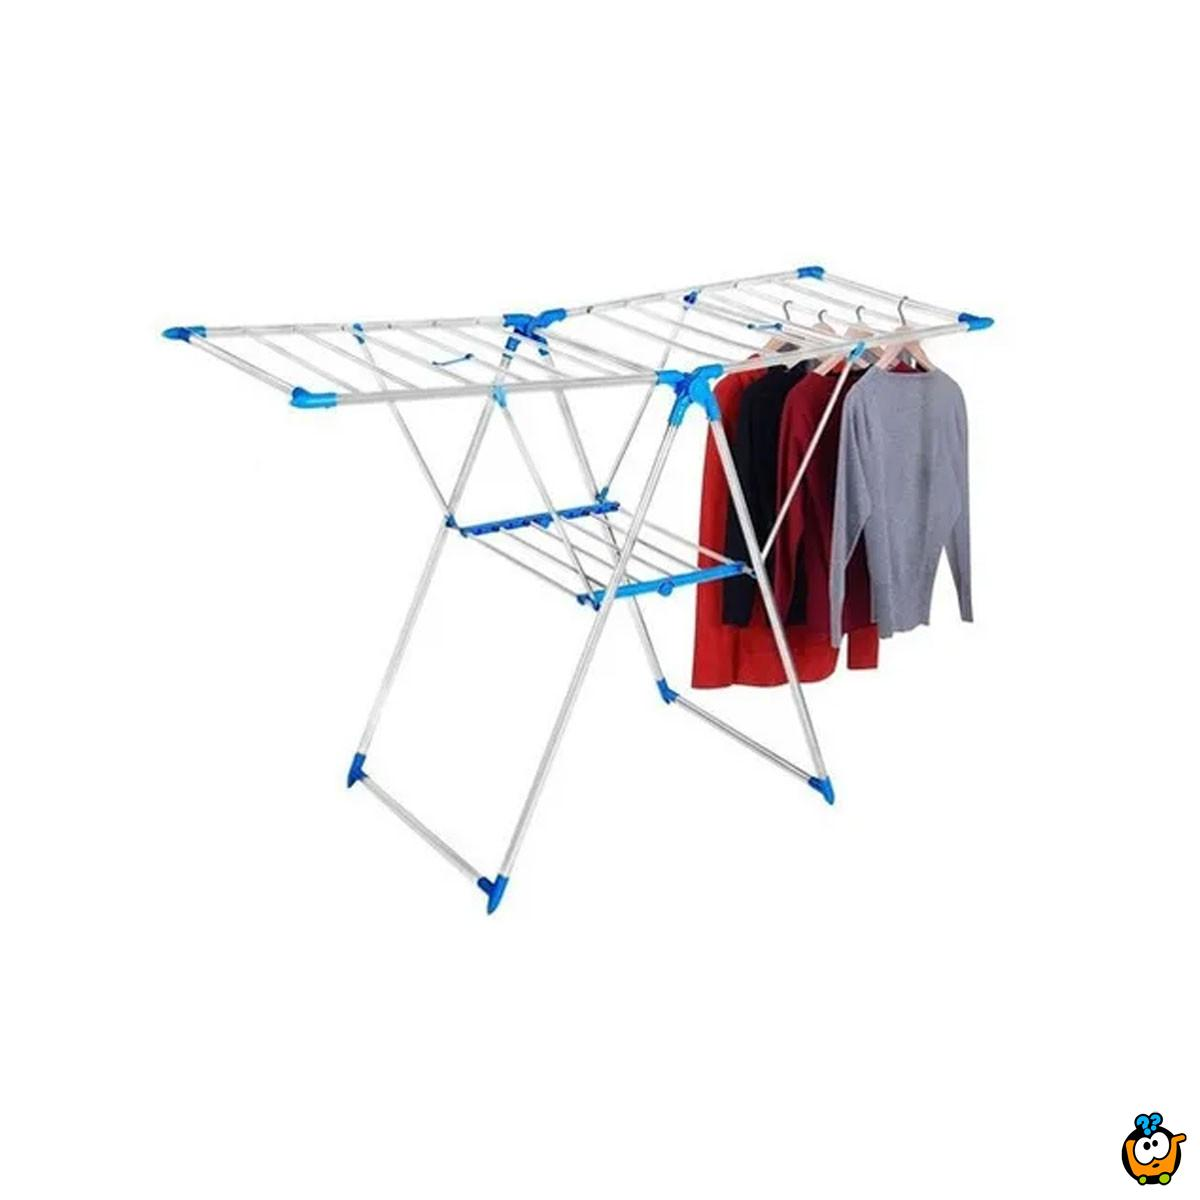 Clothes Drying Rack – Praktična sklopiva sušilica za odecu